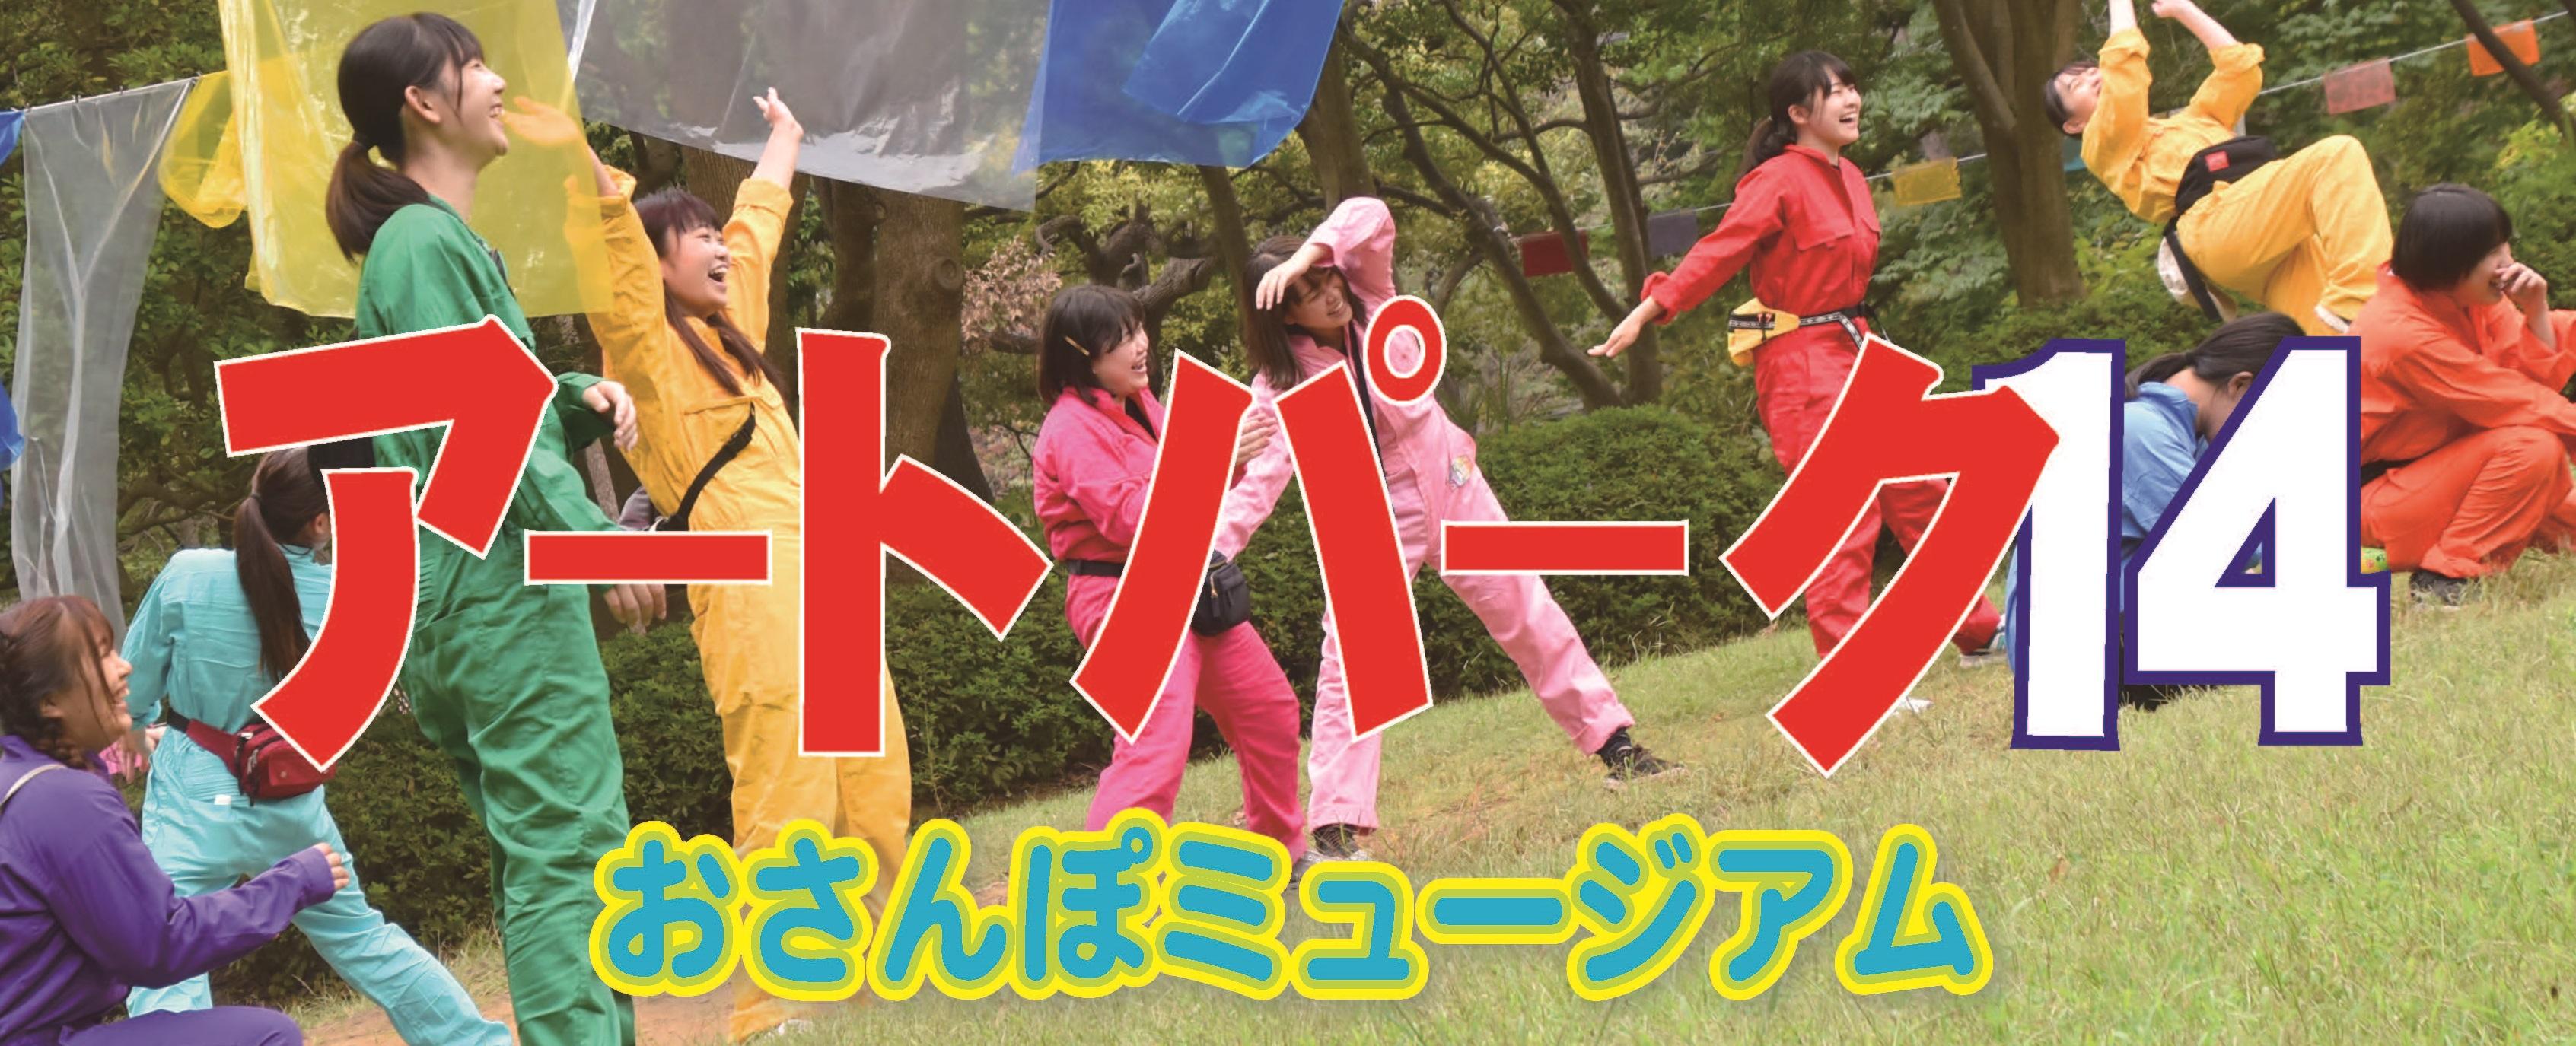 アートパーク14 ~おさんぽミュージアム~10/10(日)